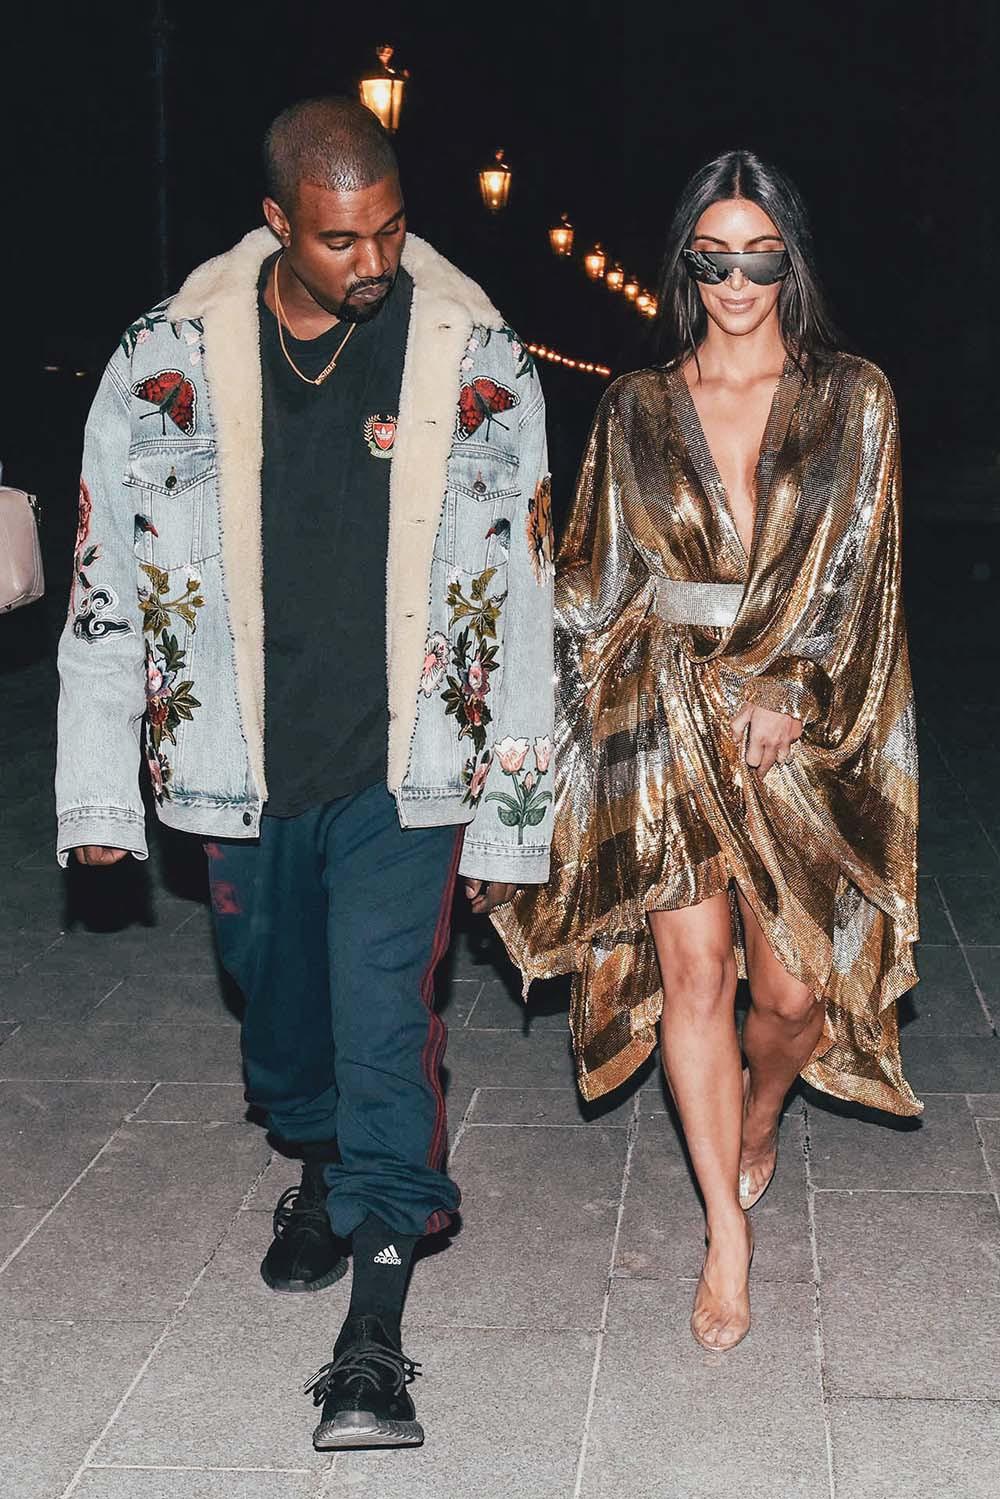 Gucci Gang: cụm từ hot hay câu chuyện về cách một thương hiệu khổng lồ hồi sinh và thay đổi cả thế giới - Ảnh 15.